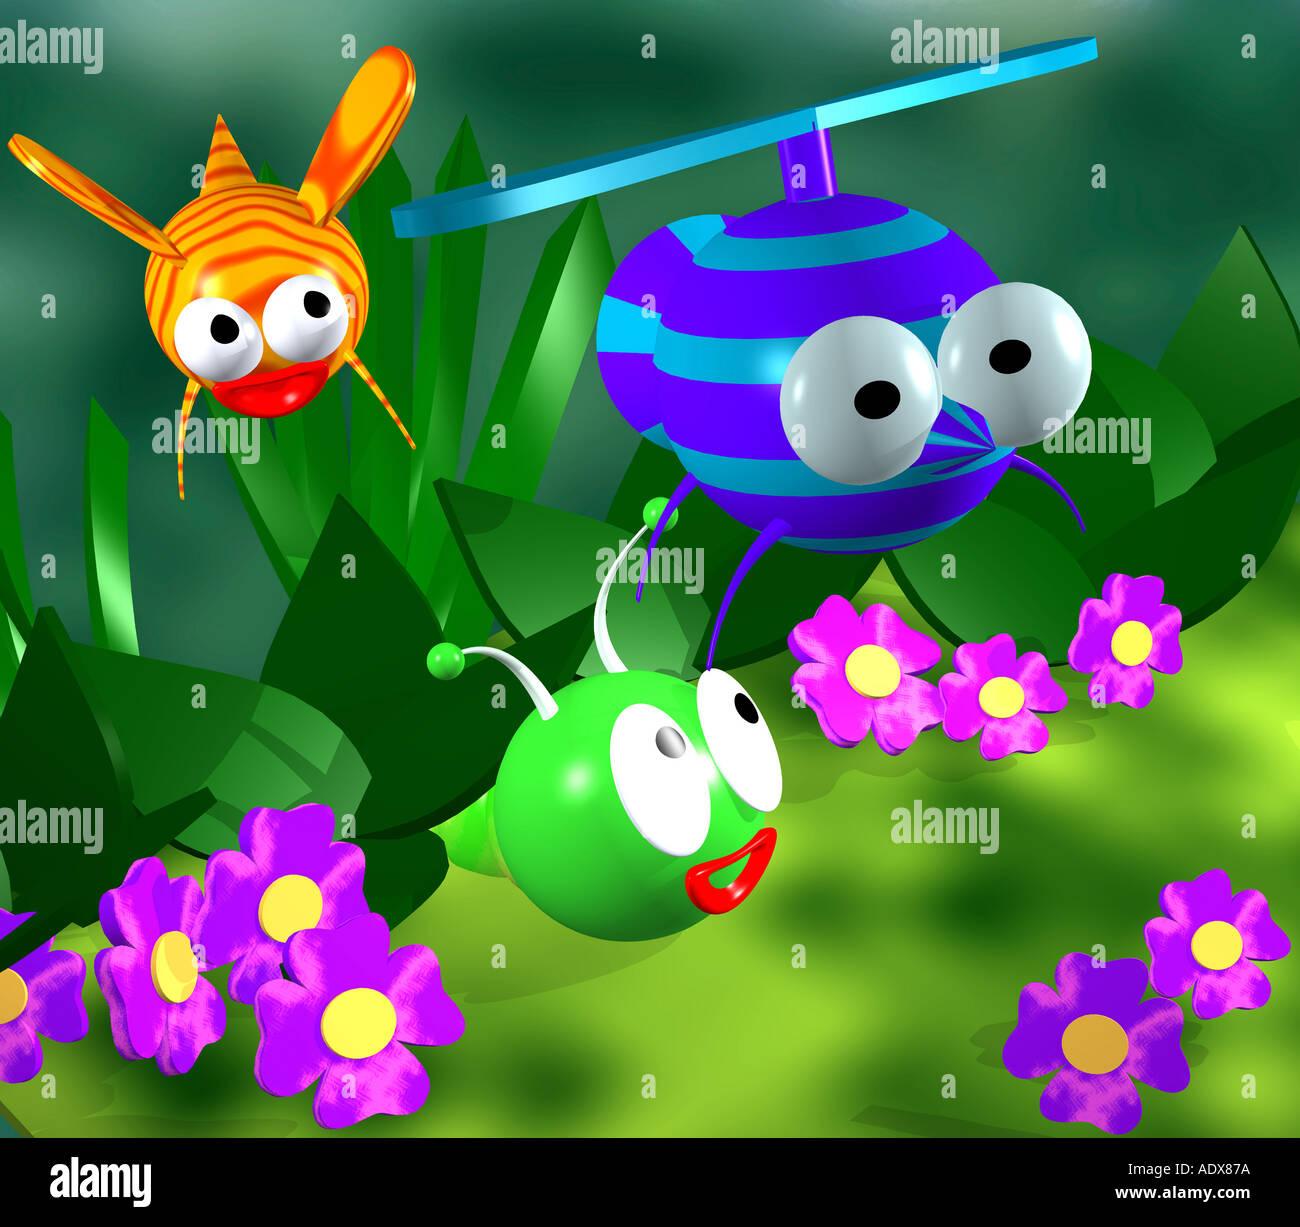 Illustrations graphiques informatiques Insectes Insectes caractères cg abeille fleur fleurs stylisées moustique dessin animé enfantin infantile char Photo Stock